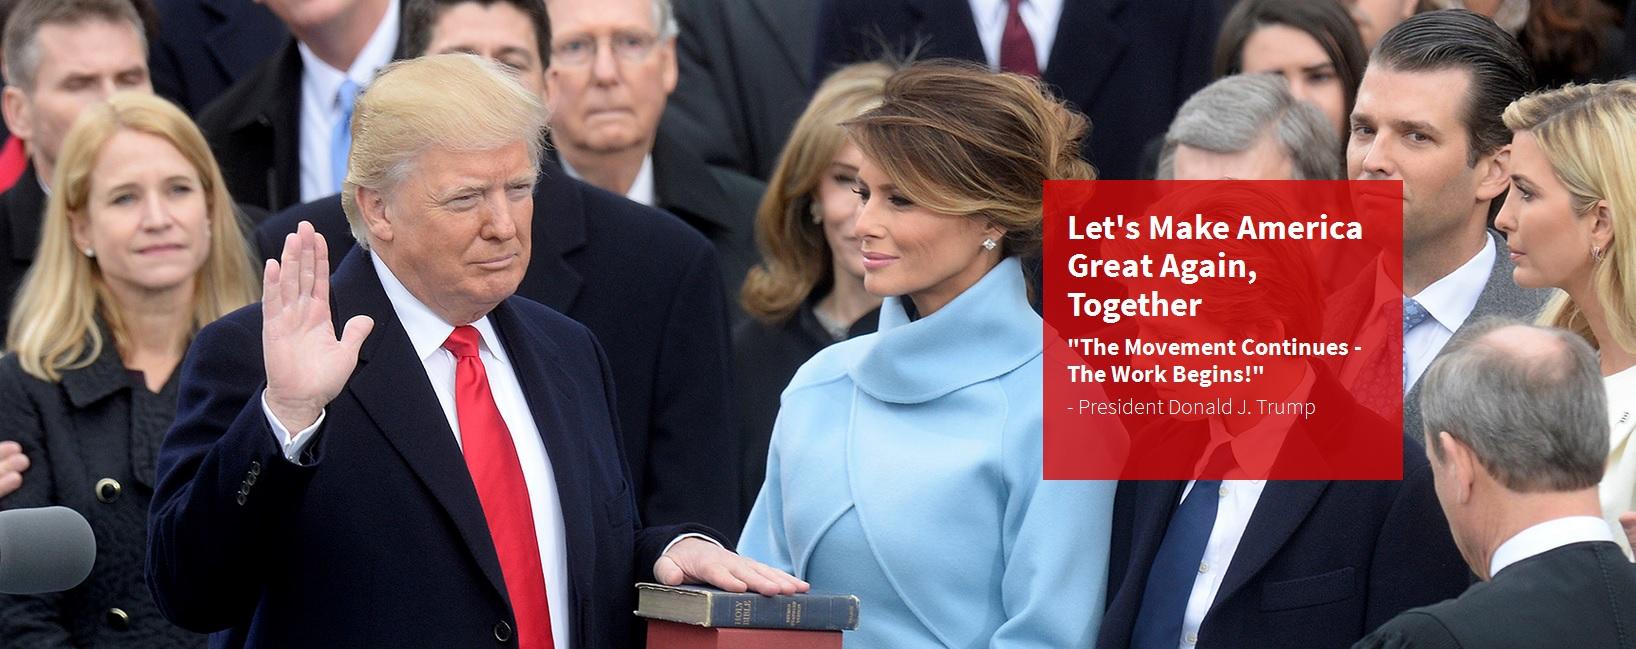 Donald Trump bei der Vereidigung zum Präsidenten am 20. Januar 2017.